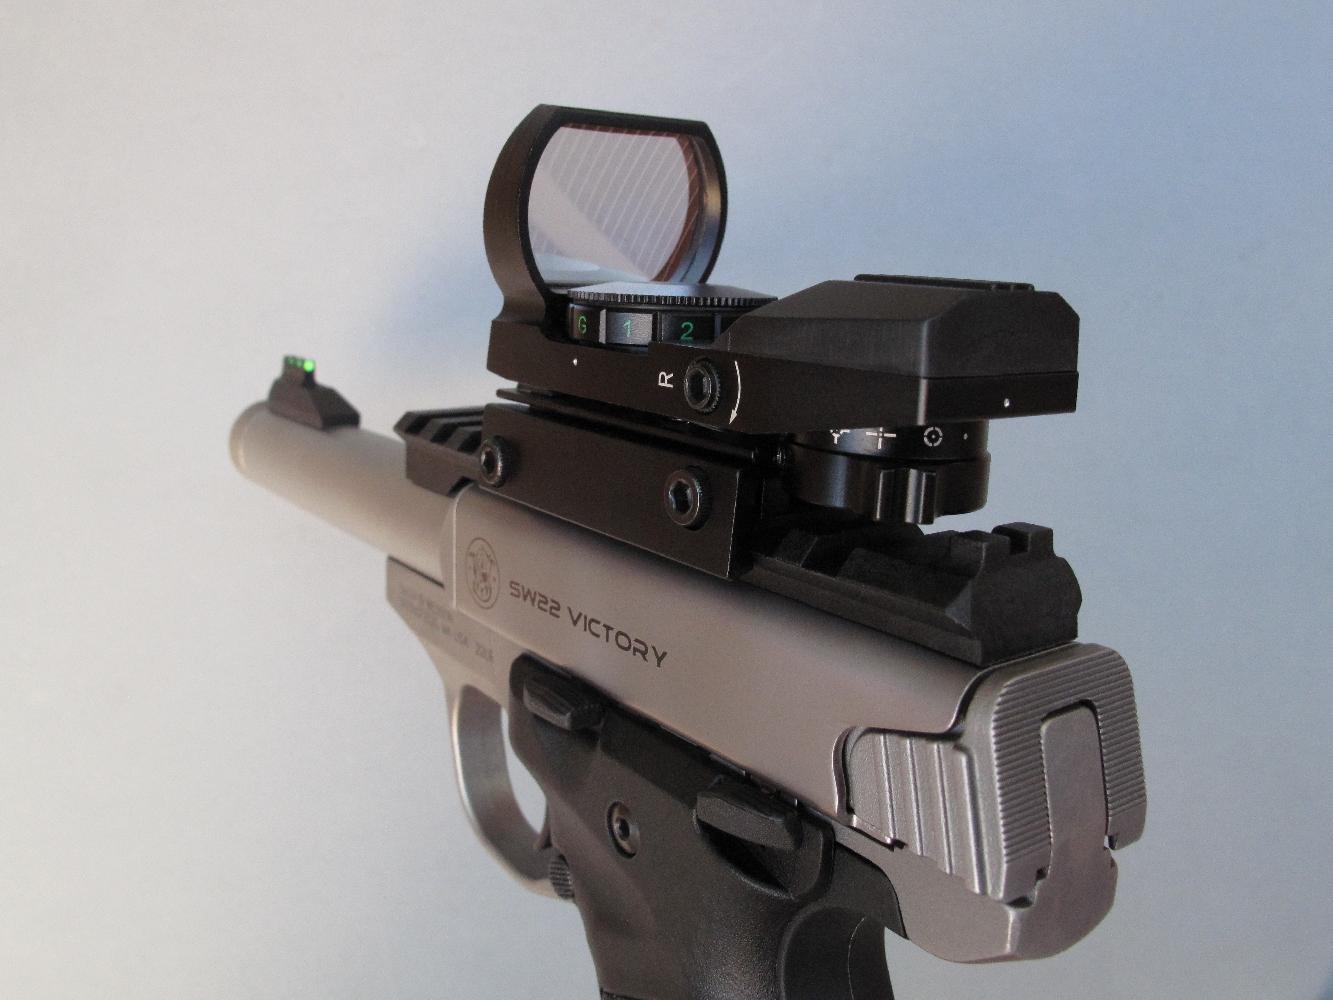 Il est également possible d'équiper ce pistolet d'un viseur reflex, qu'il s'agisse d'un modèle ultracompact ou d'une version plus encombrante mais également plus économique comme c'est le cas ici.